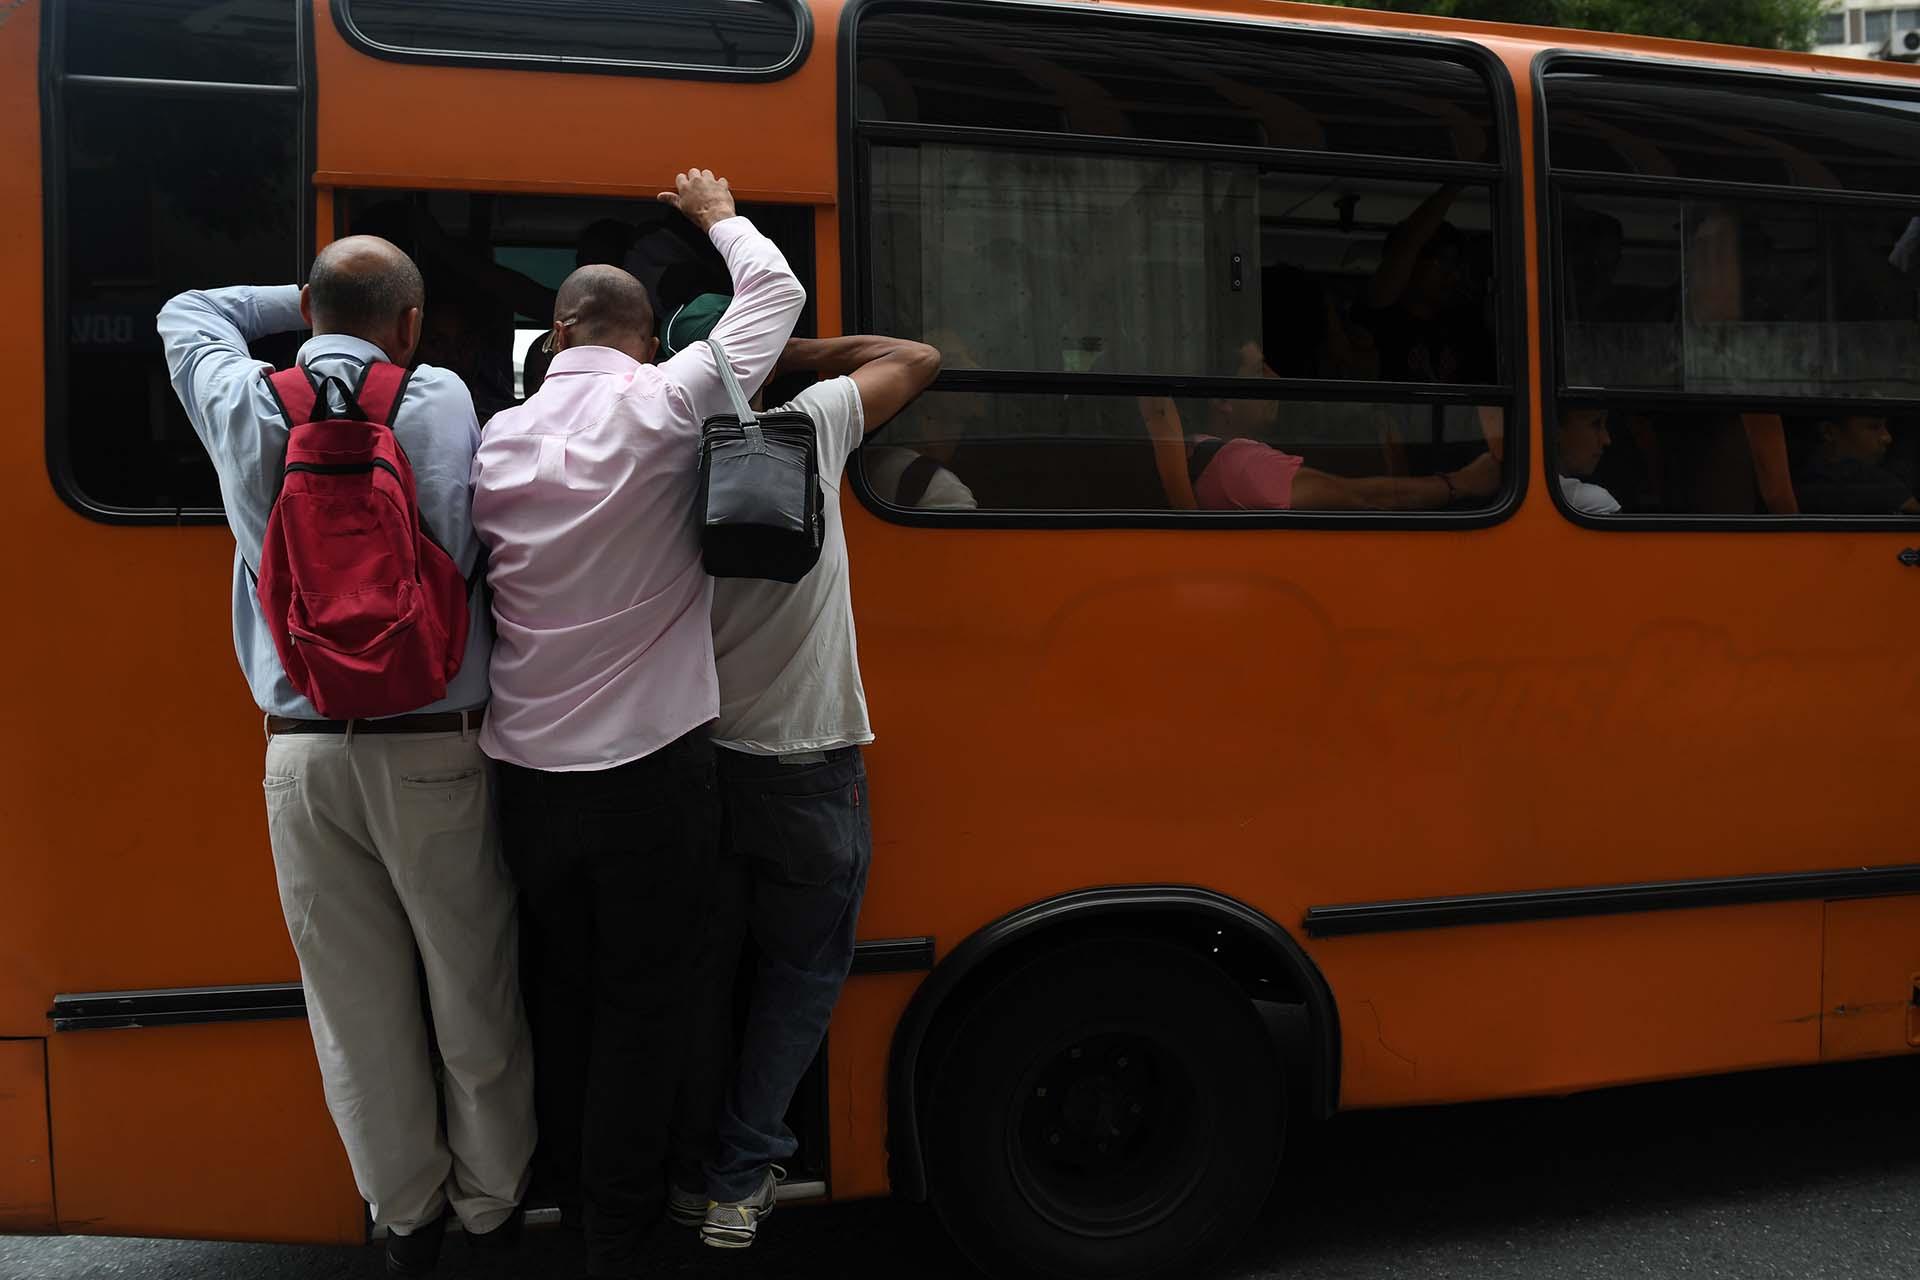 El transporte público se vio colapsado porel corte del metro